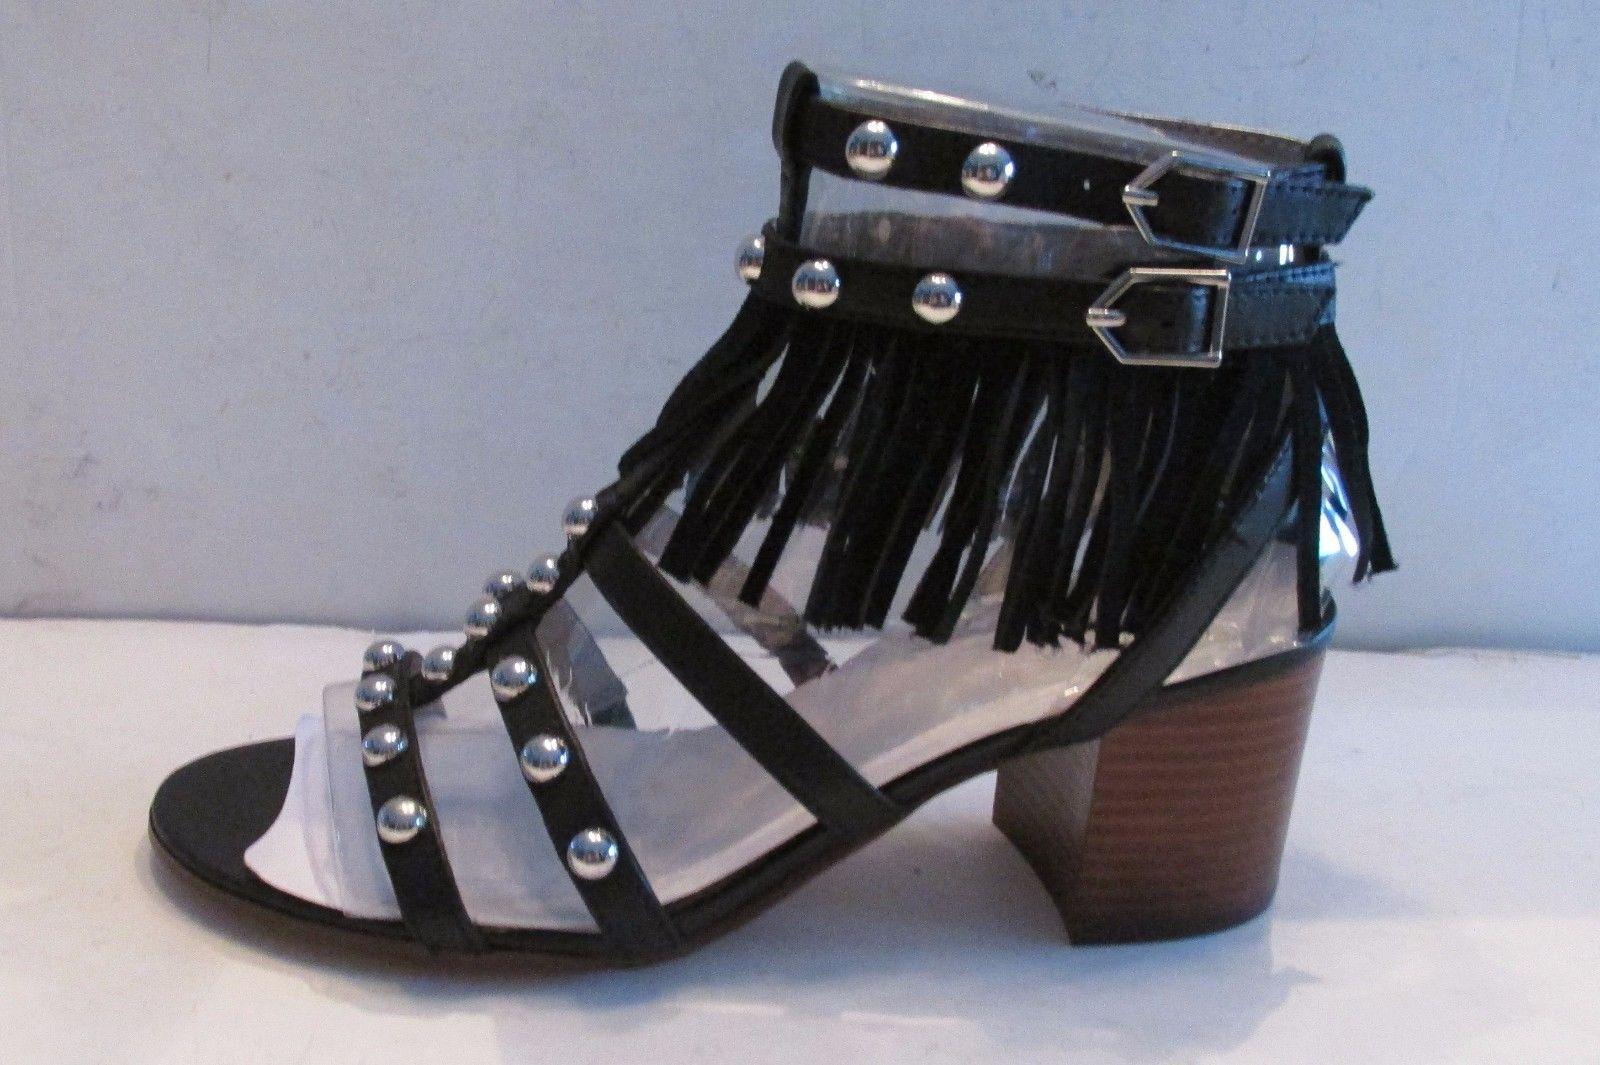 6b8d7506269ff0 79.99 ❤ NIB Sam Edelman 9.5 M SAHELYNN Blacklea Gladiator Sandals Fringe  Silver Studs ❤